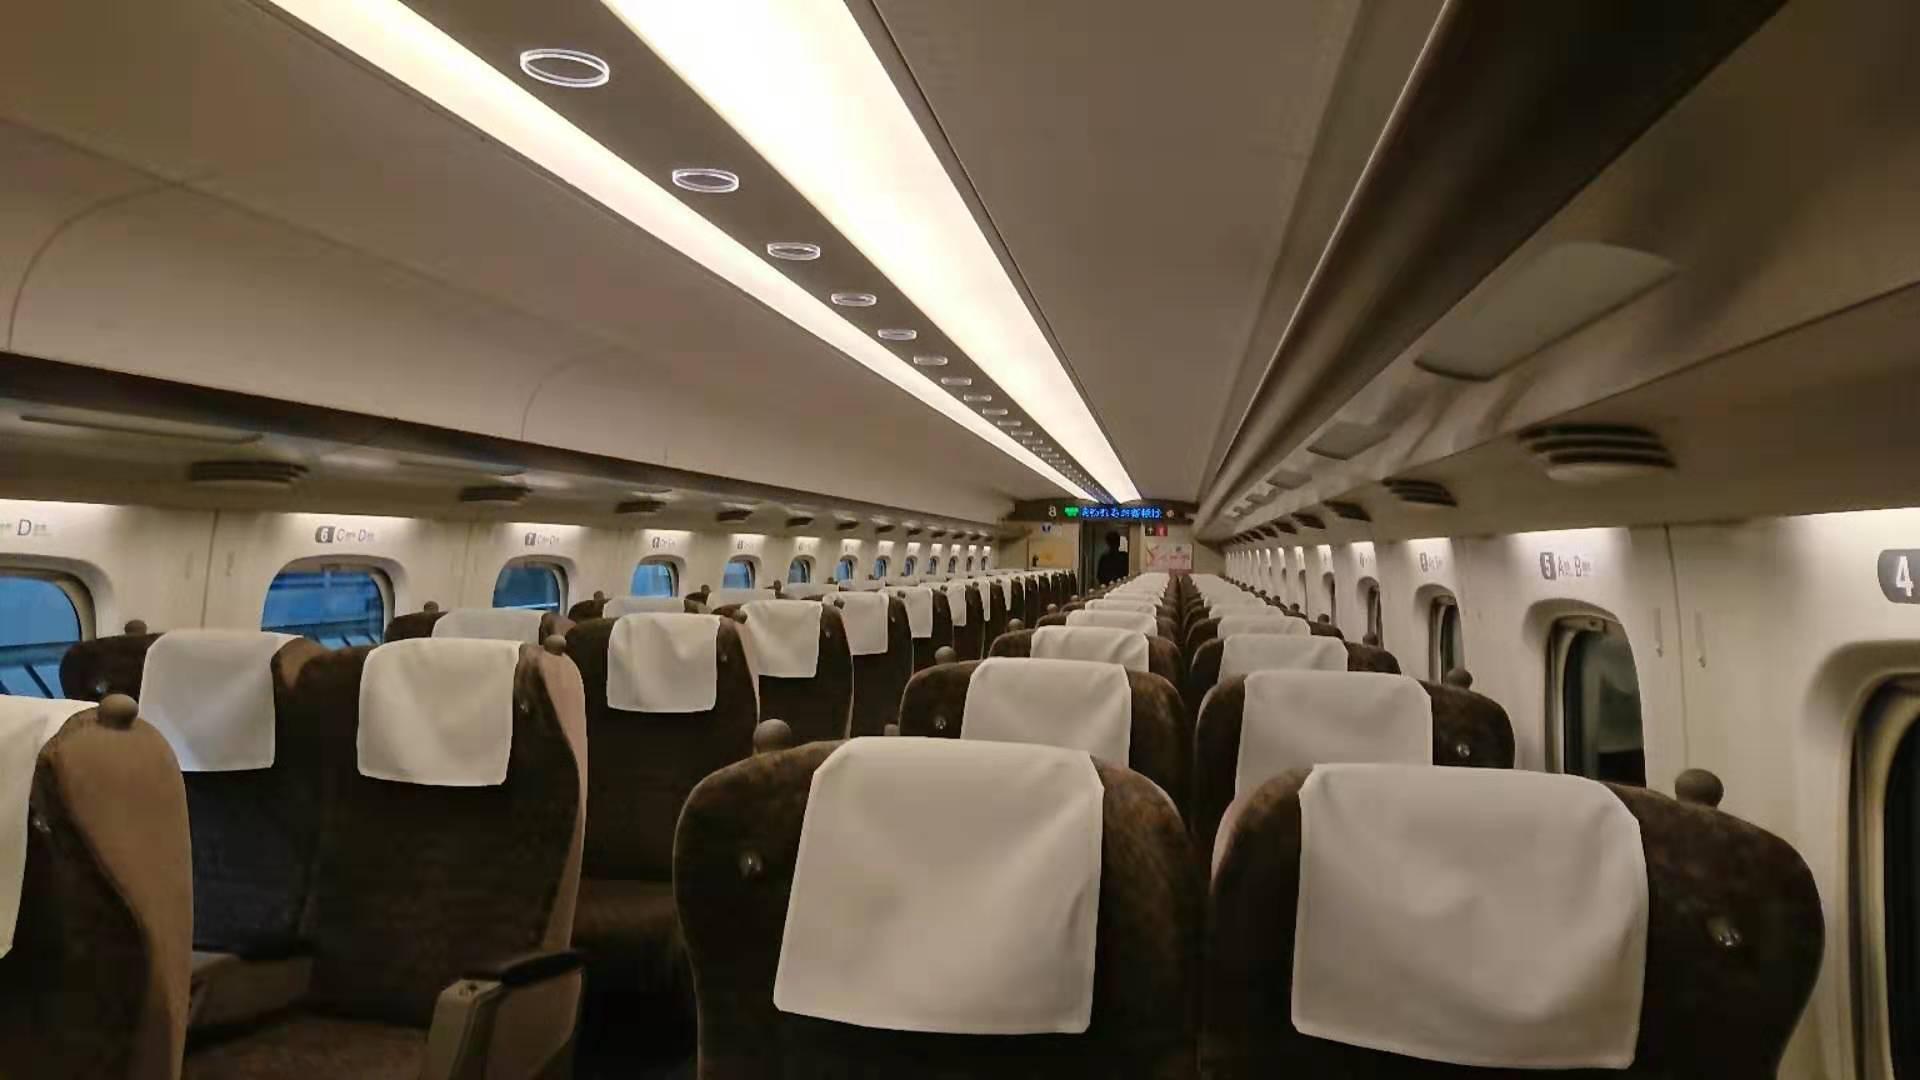 【格安で東海道新幹線グリーン車】東京~新大阪を指定席料金にたった150円の追加で EXグリーン早特とは? 乗り方・料金・注意点 のぞみにも乗れる